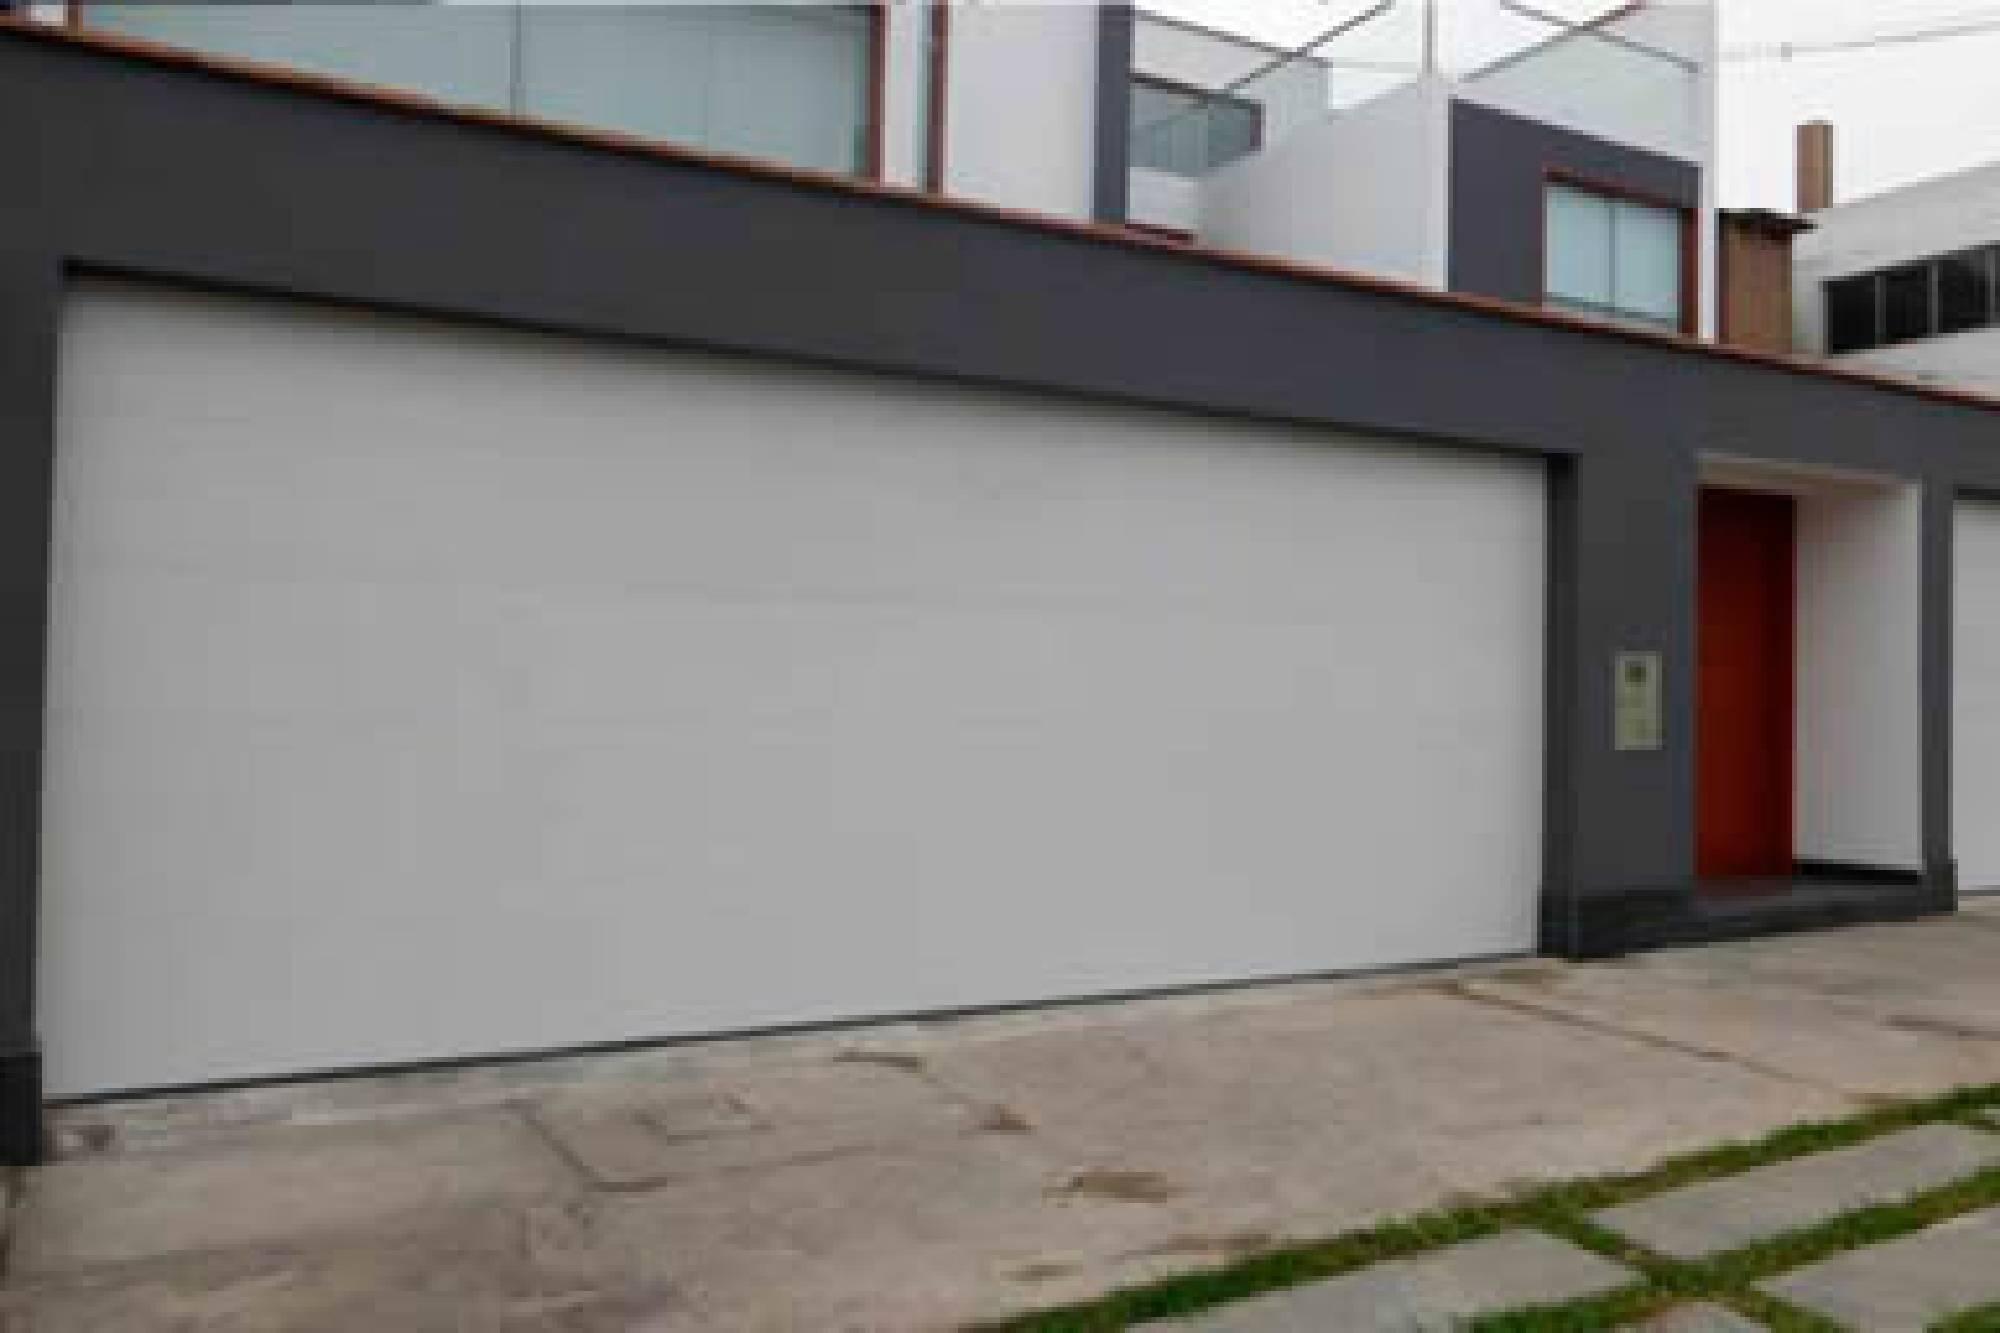 Puertas de cochera cool puertas electricas gdl ue puertas - Puerta para cochera ...